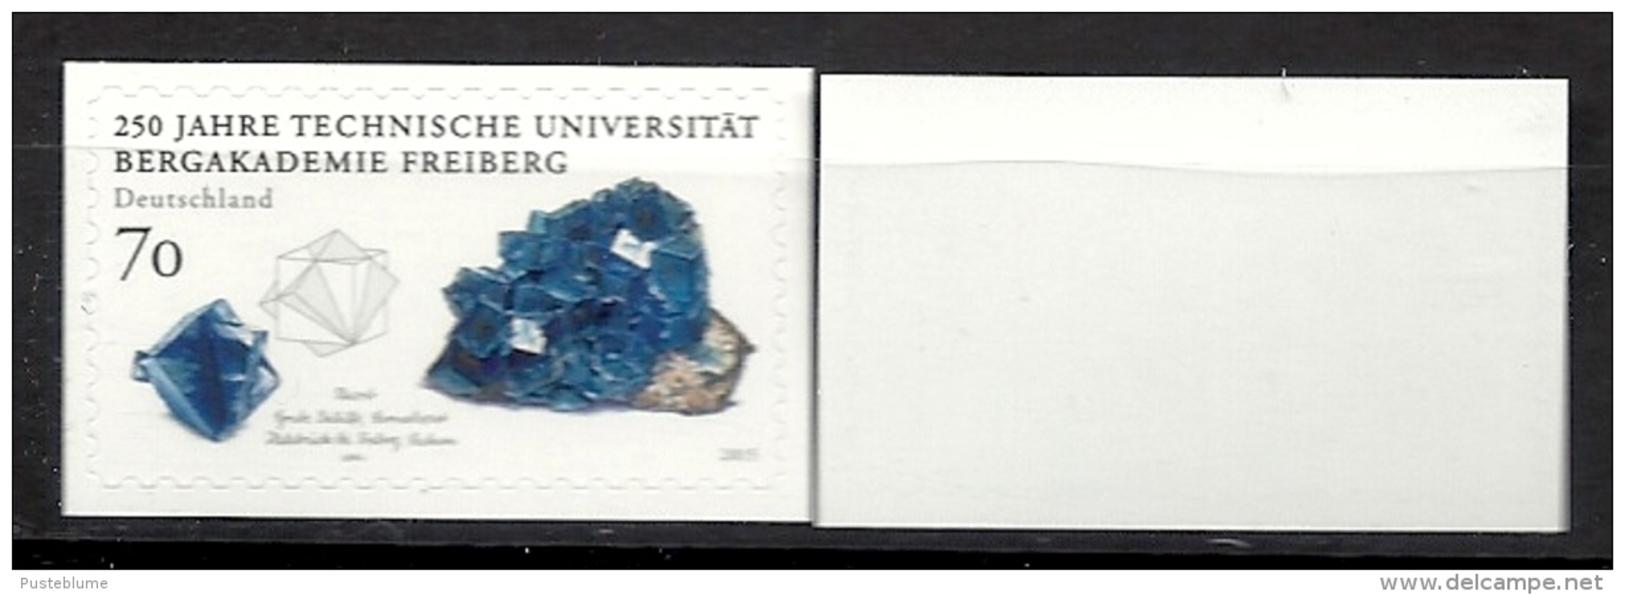 Deutschland / Germany / Allemagne 2015 3198 ** Selbstklbend Self-adhesive Bergakademie Freiberg (03. 12. 2015) Weiße Rüc - BRD